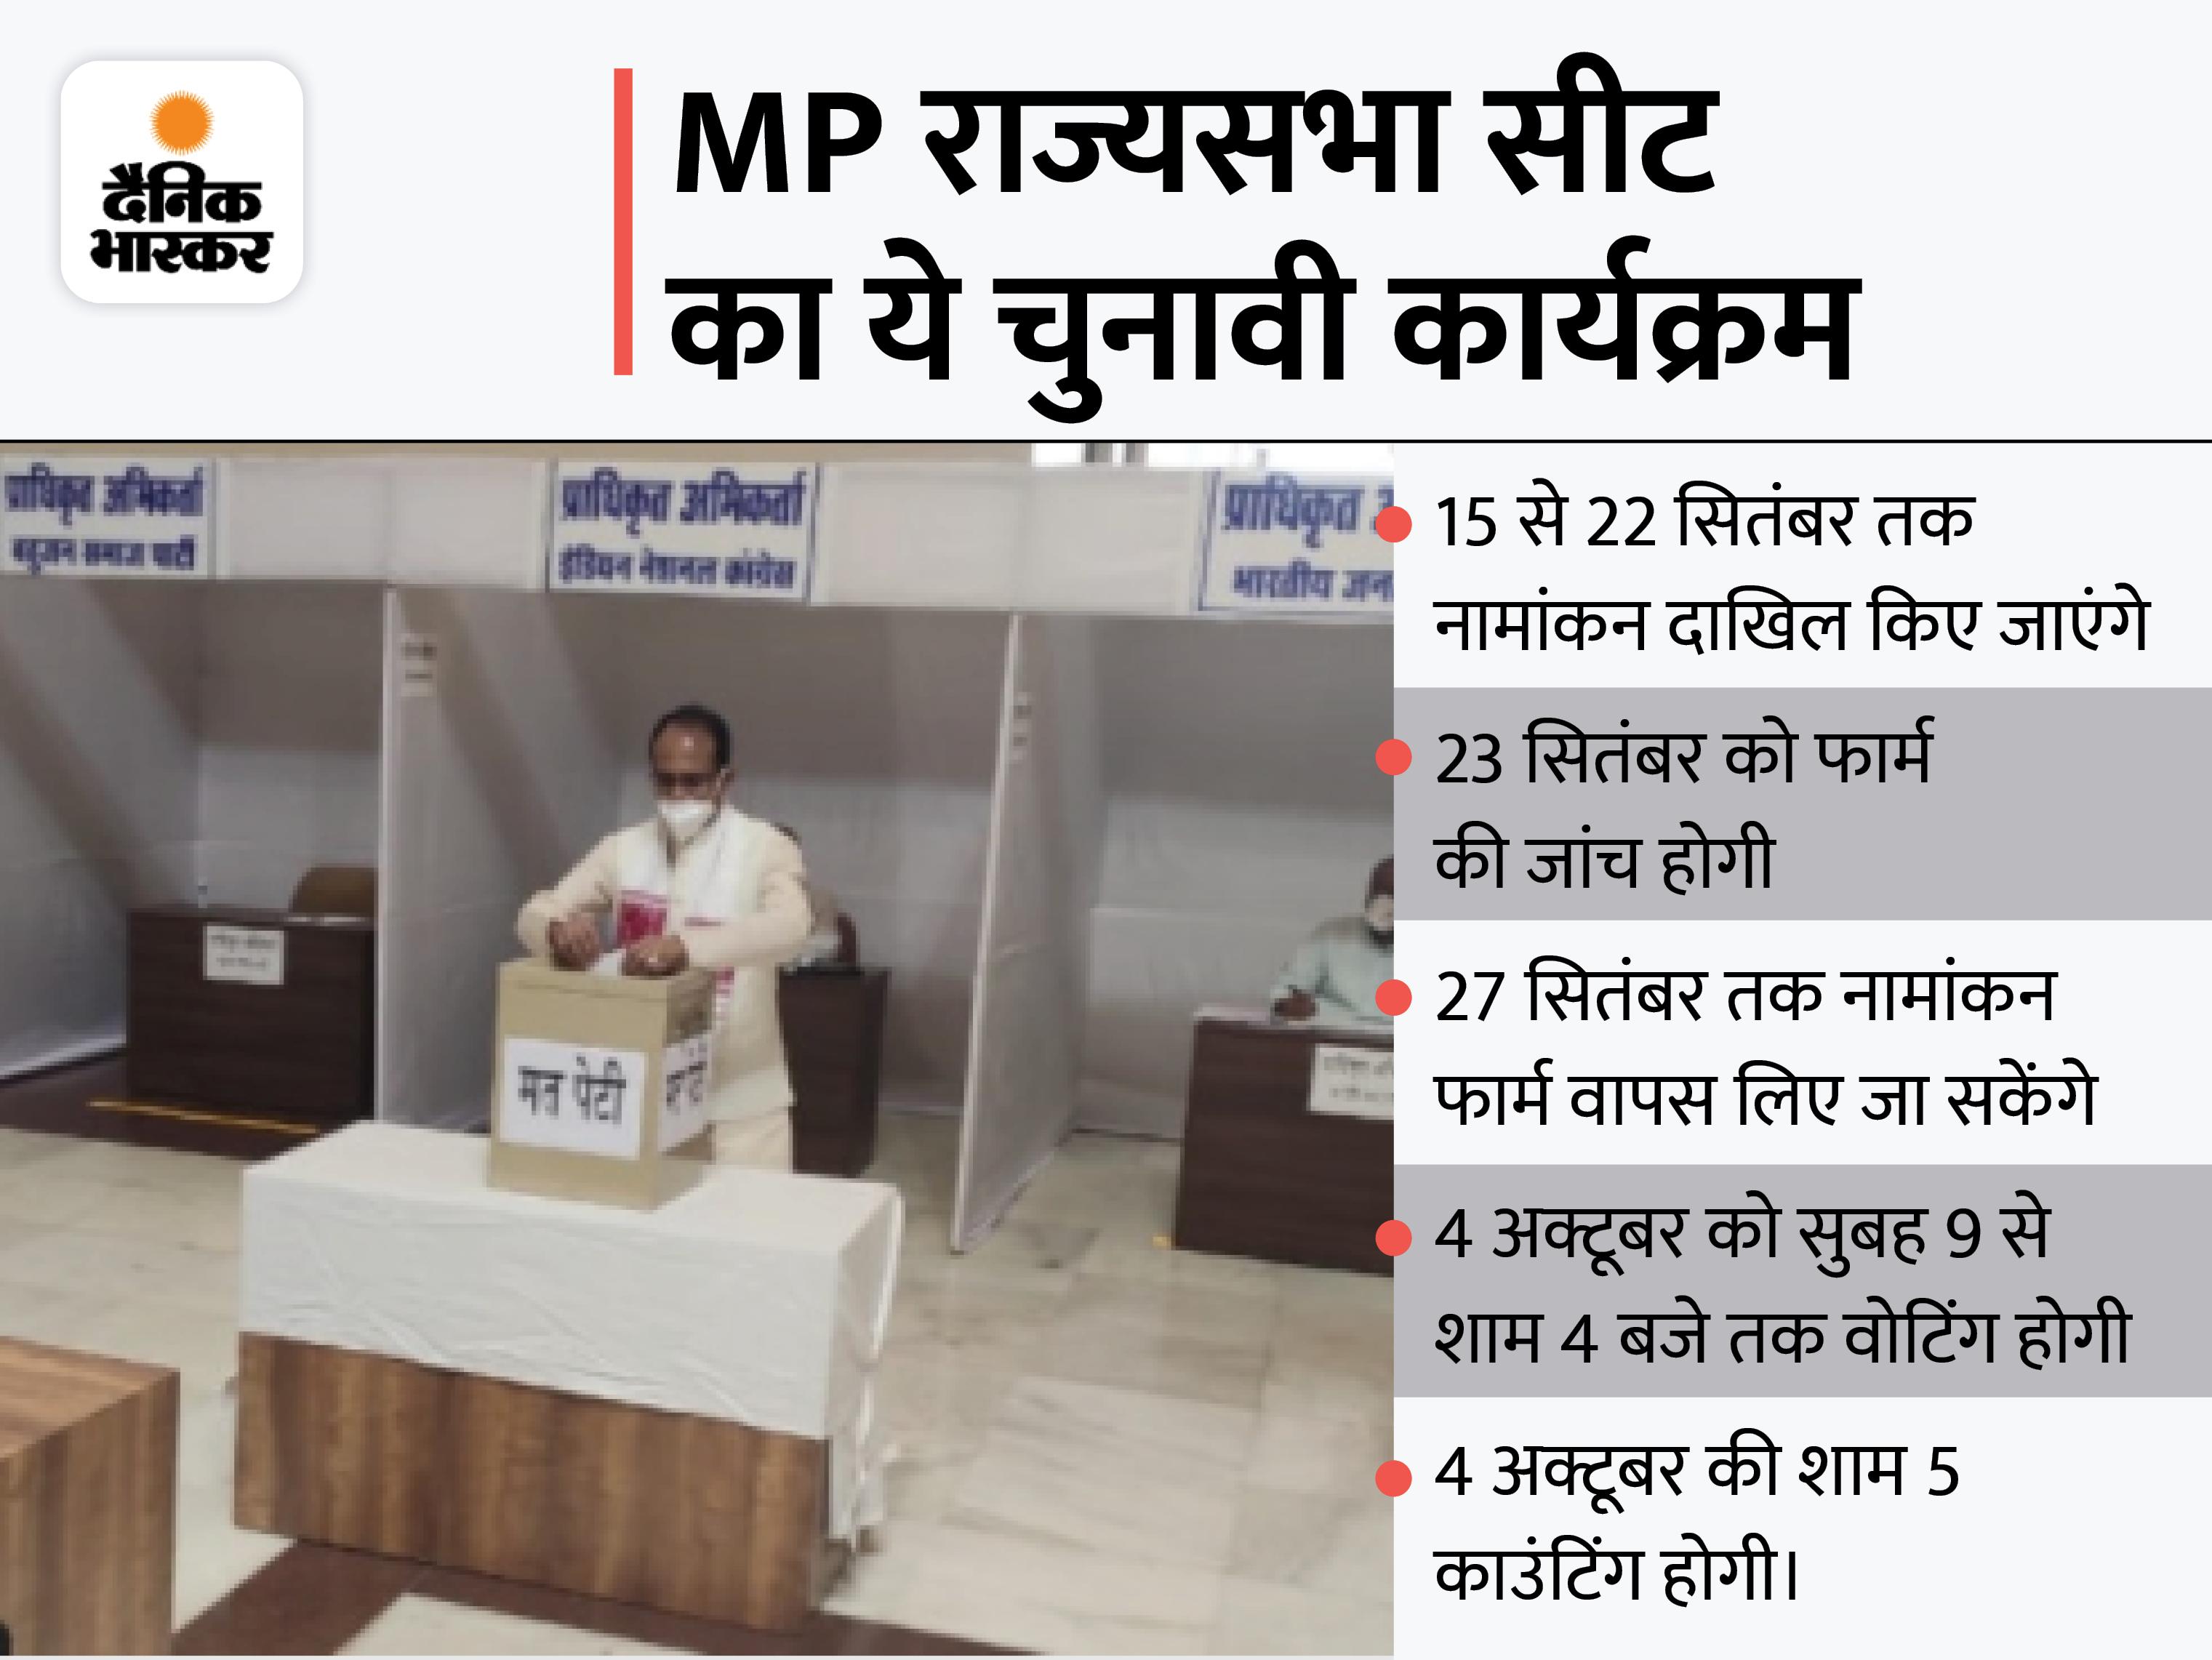 निर्वाचन आयोग आज जारी करेगा अधिसूचना; 22 सितंबर तक दाखिल होंगे नामांकन, BJP-कांग्रेस के उम्मीदवार फिलहाल तय नहीं|मध्य प्रदेश,Madhya Pradesh - Dainik Bhaskar